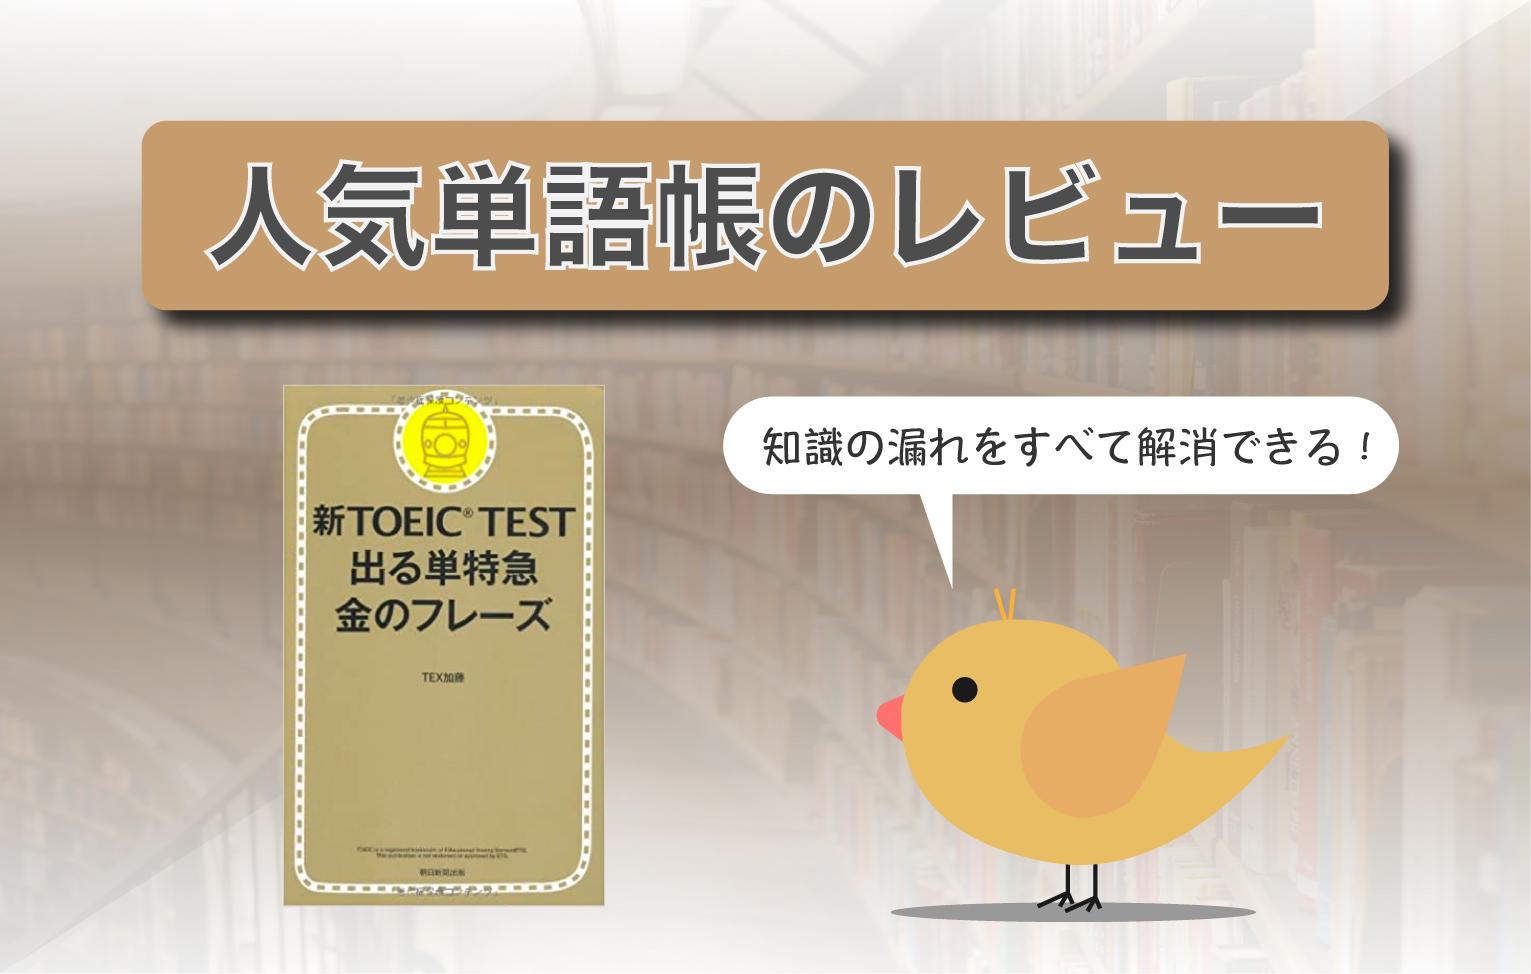 TOEICの英単語学習におすすめ!『金のフレーズ』のレビューと使い方を紹介